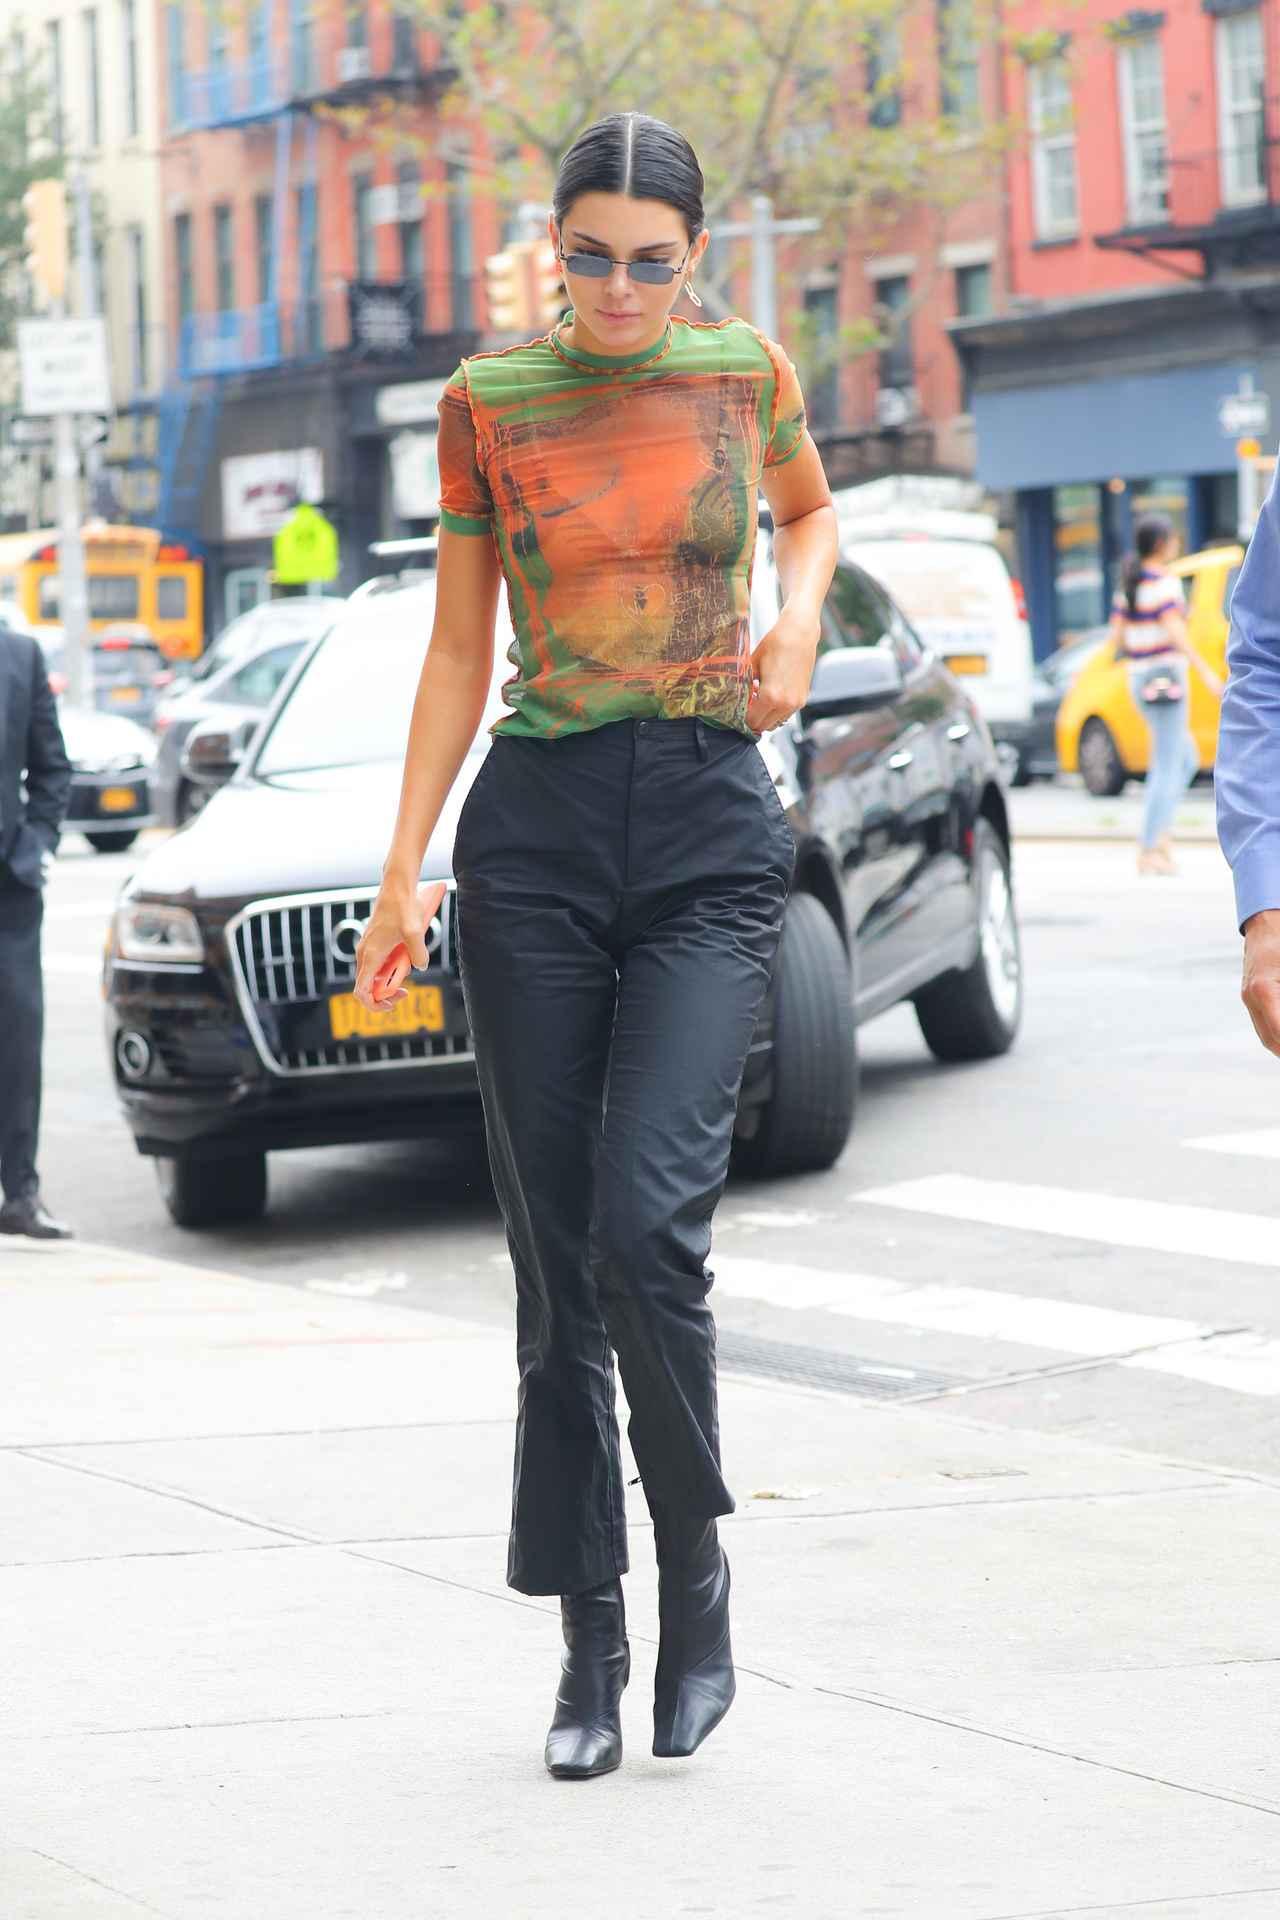 画像1: ケンダル・ジェンナーの服を拝借?姉が同じ服を着用